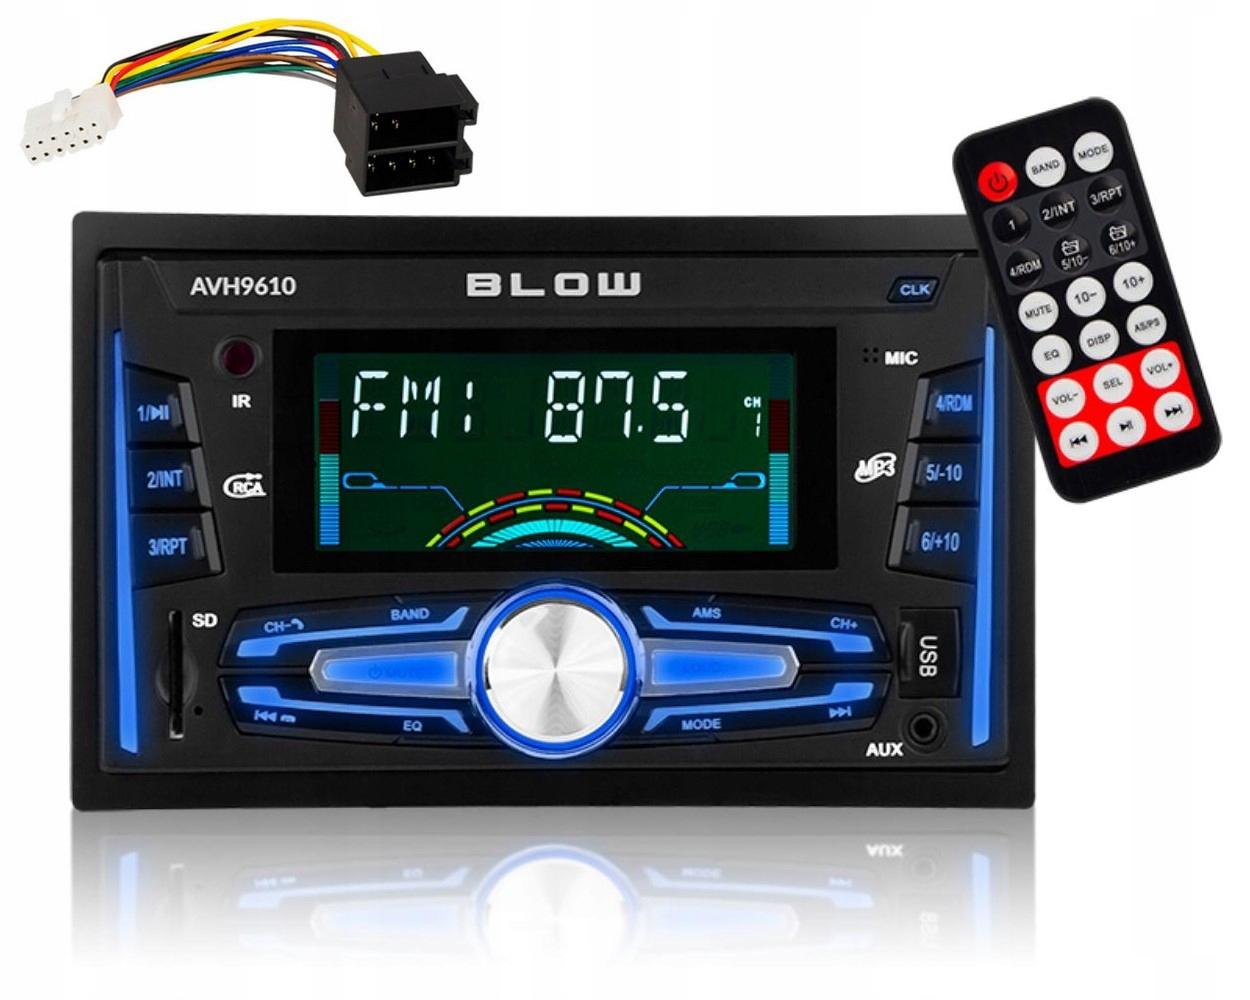 Radio Samochodowe Blow Zestaw Glosnomowiacy Bt Usb 7784117124 Sklep Internetowy Agd Rtv Telefony Laptopy Allegro Pl